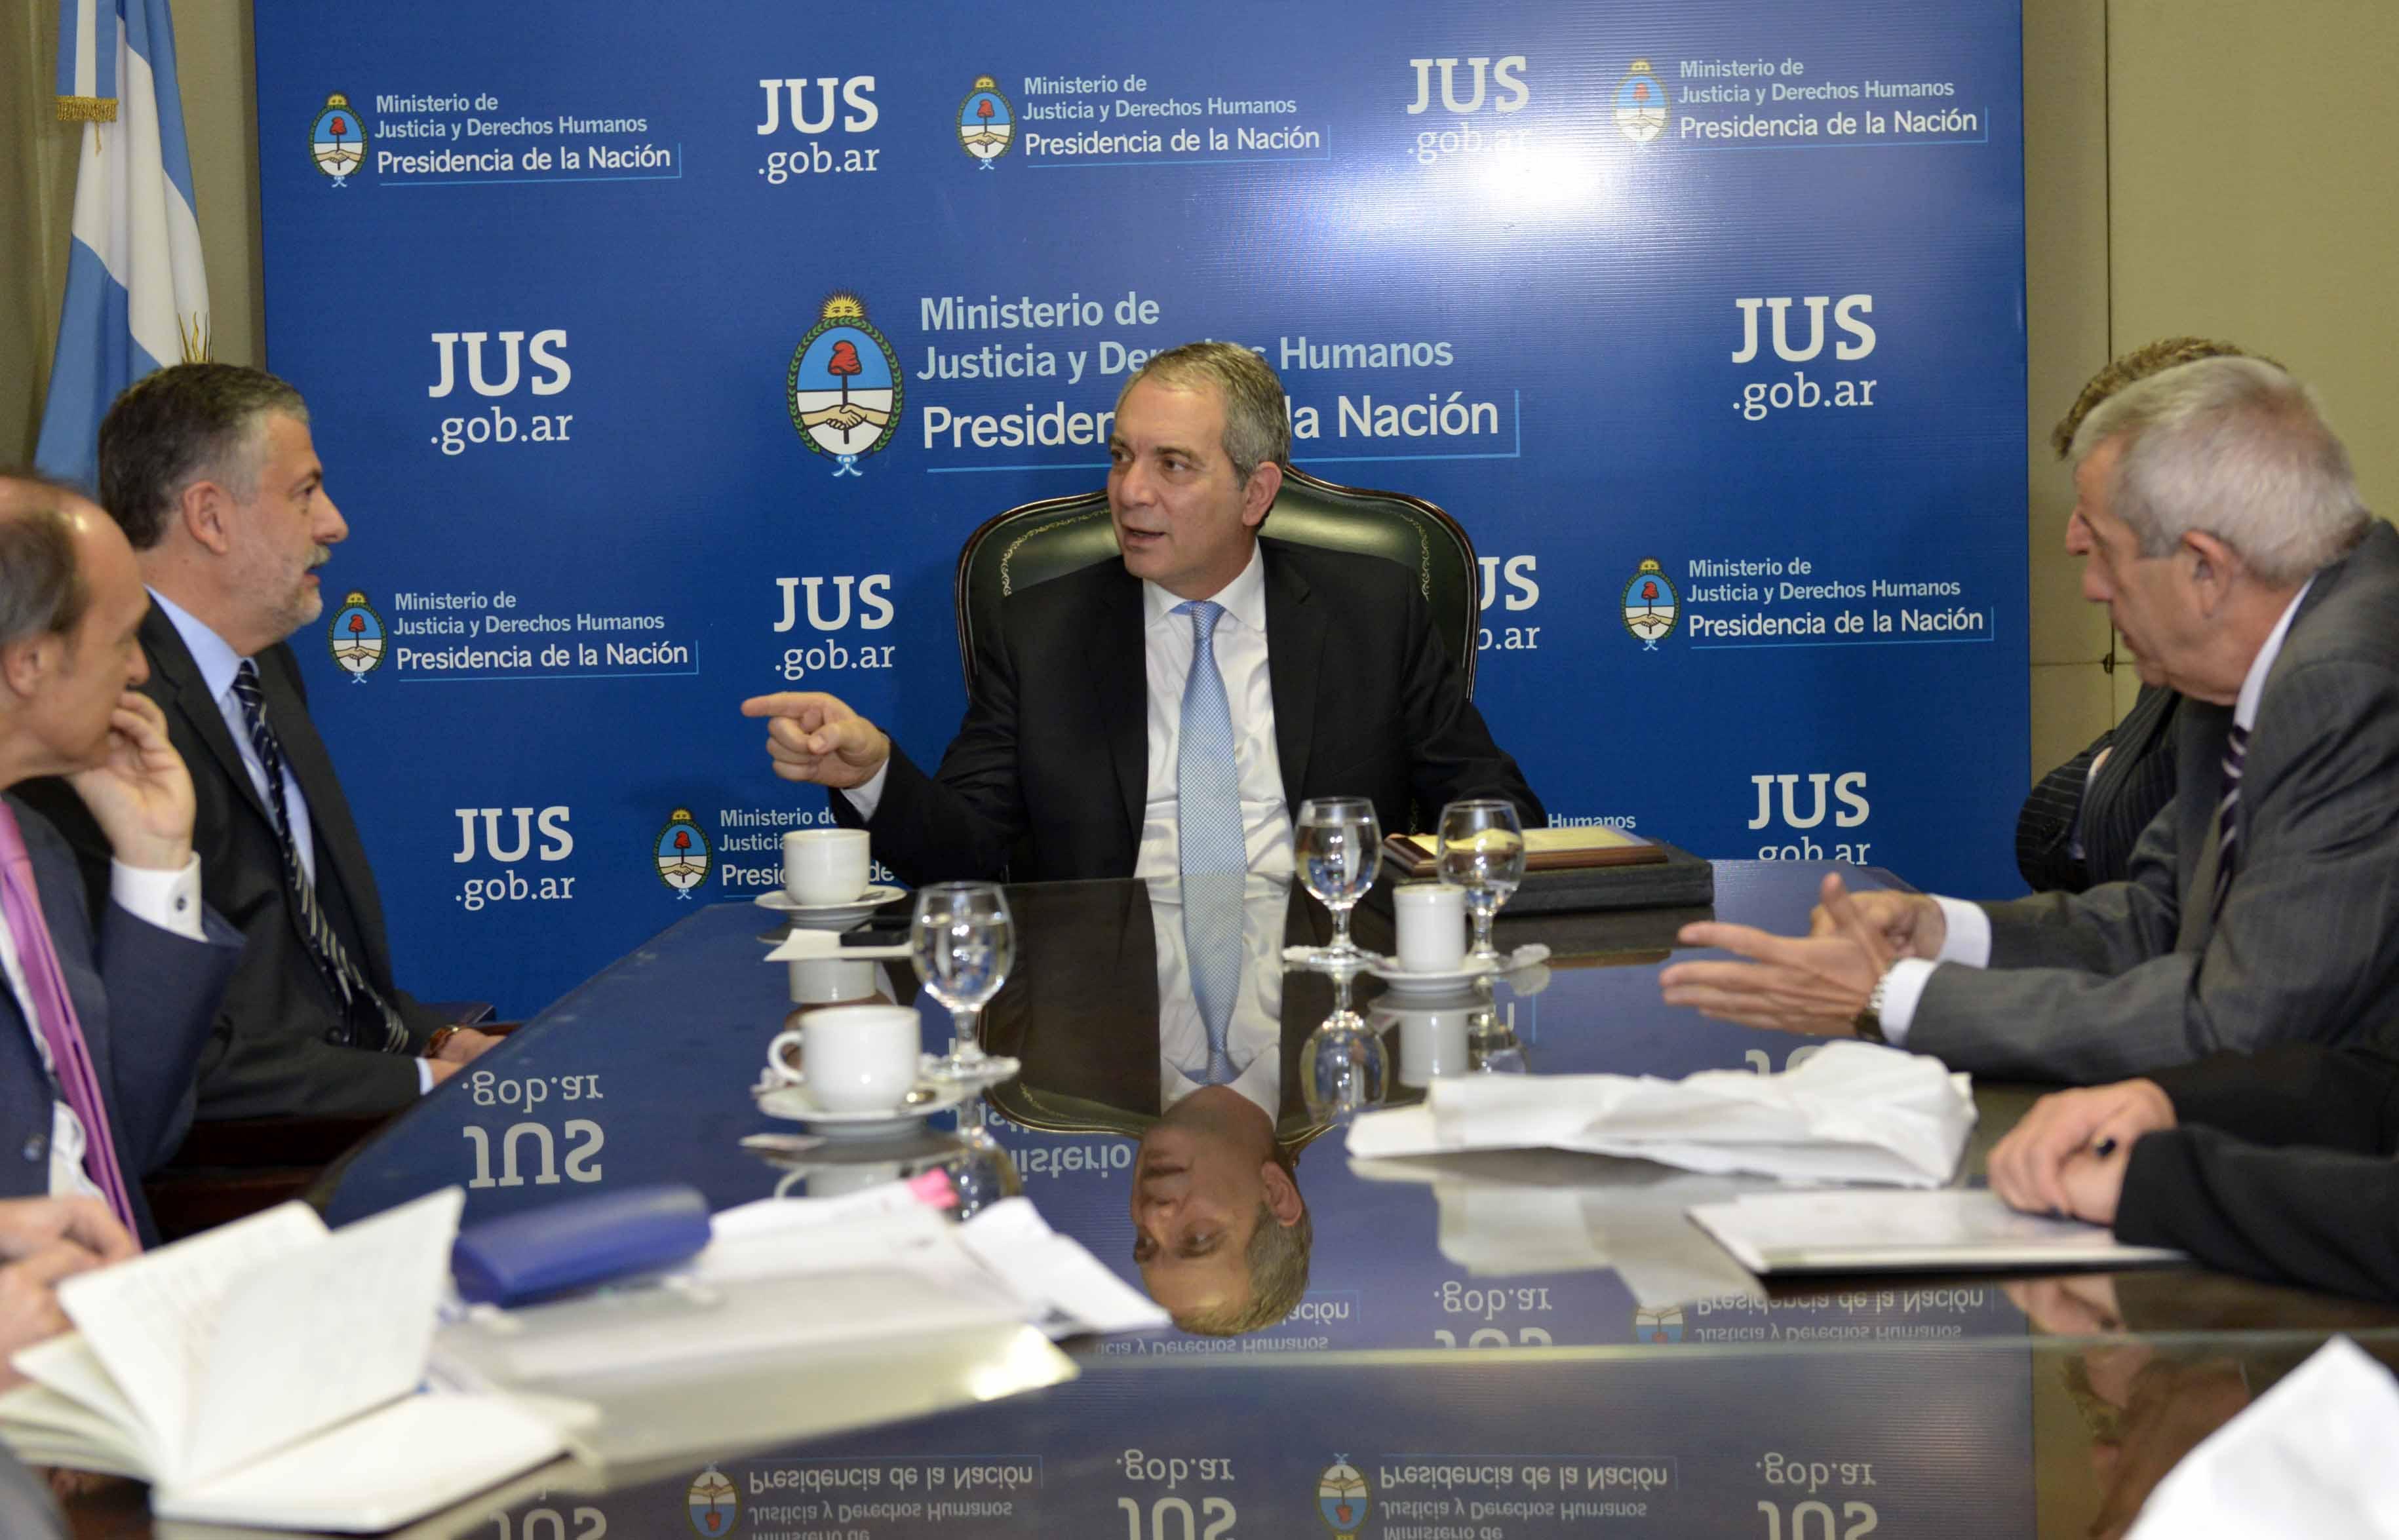 Nuevo avance para la descentralización de los procesos penales